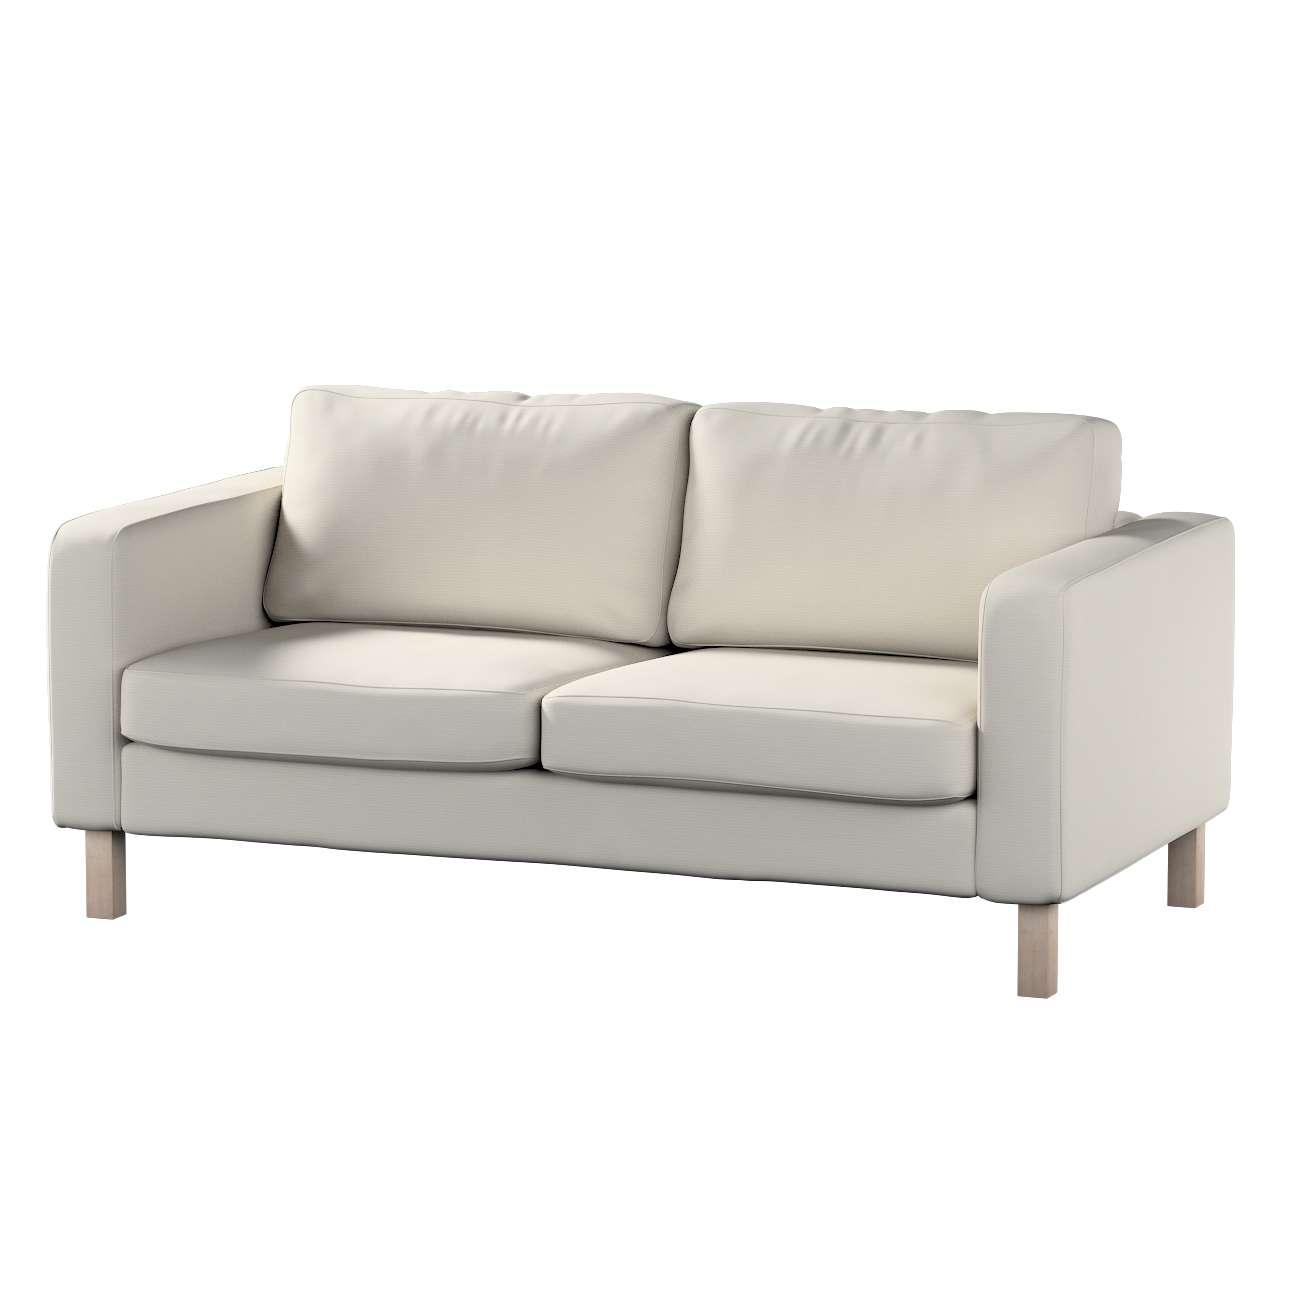 KARSLTAD dvivietės sofos užvalkalas Karlstad 2-vietės sofos užvalkalas kolekcijoje Cotton Panama, audinys: 702-31